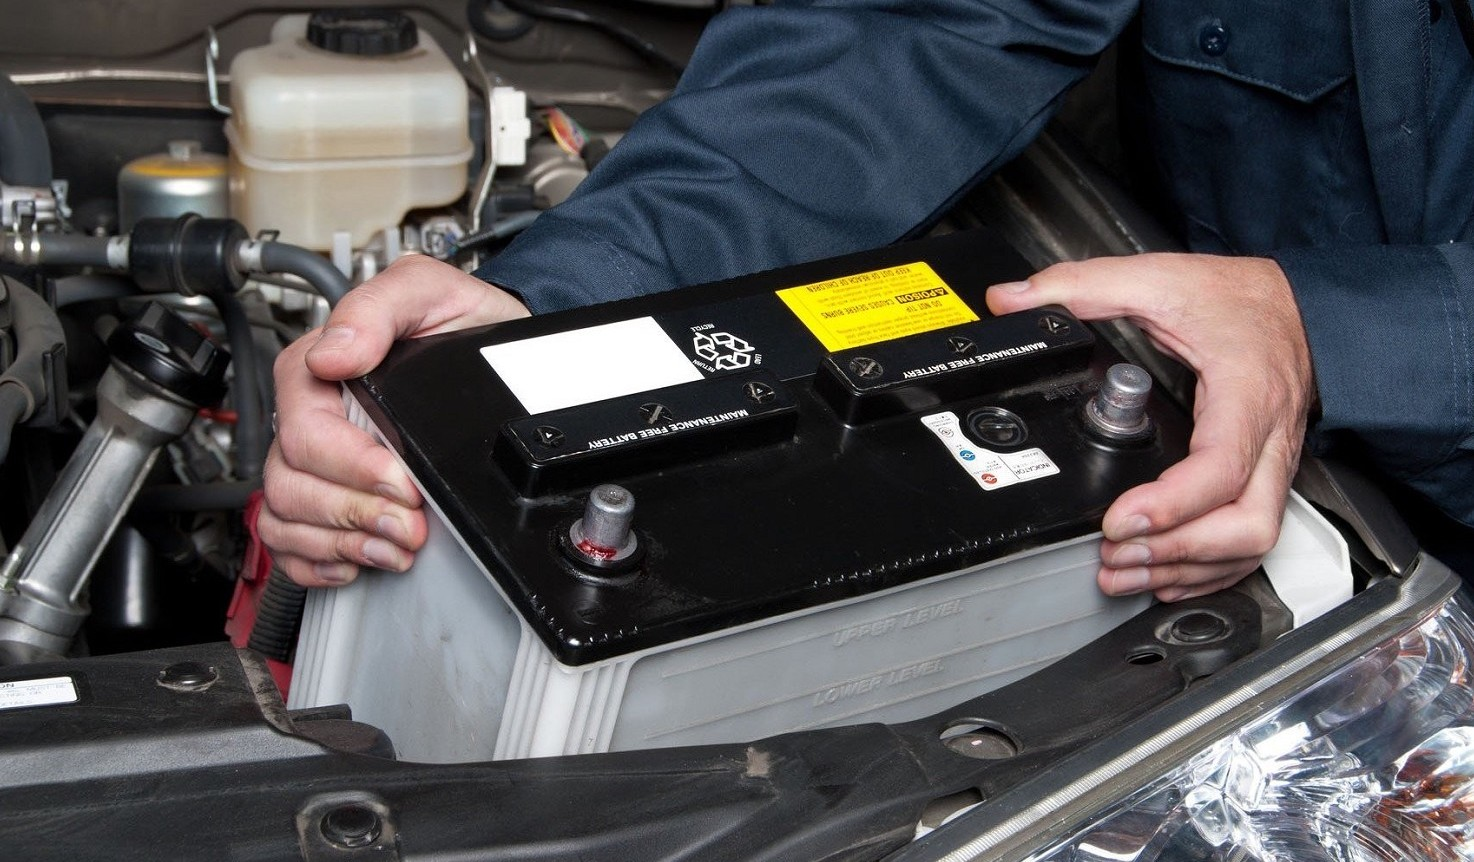 Batteria dell'auto: quanto costa la ricarica e chi la fa